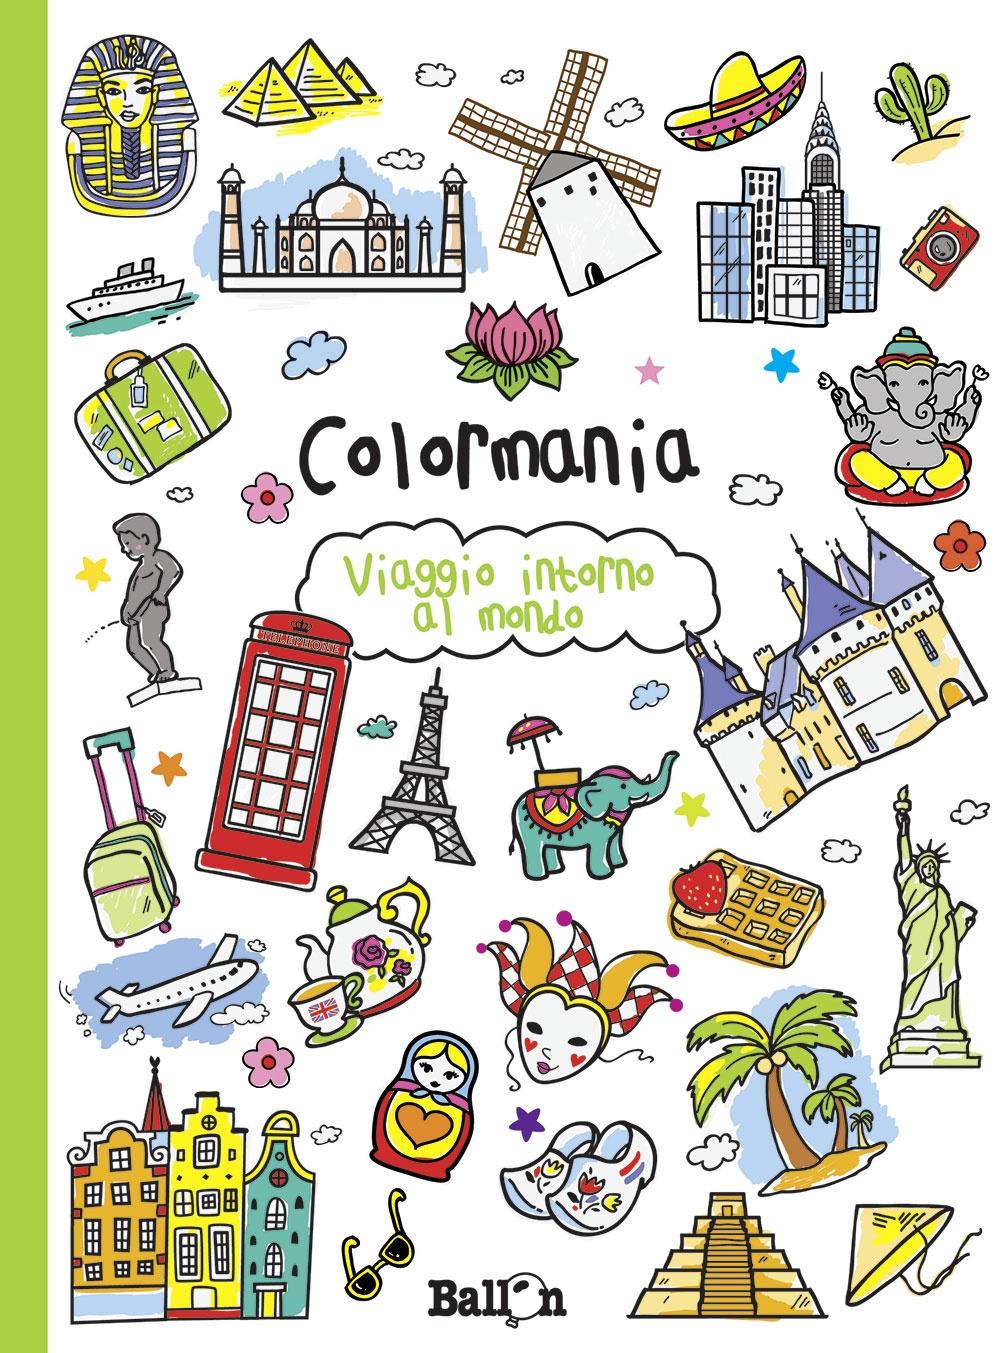 Viaggio intorno al mondo. Colormania. Ediz. illustrata